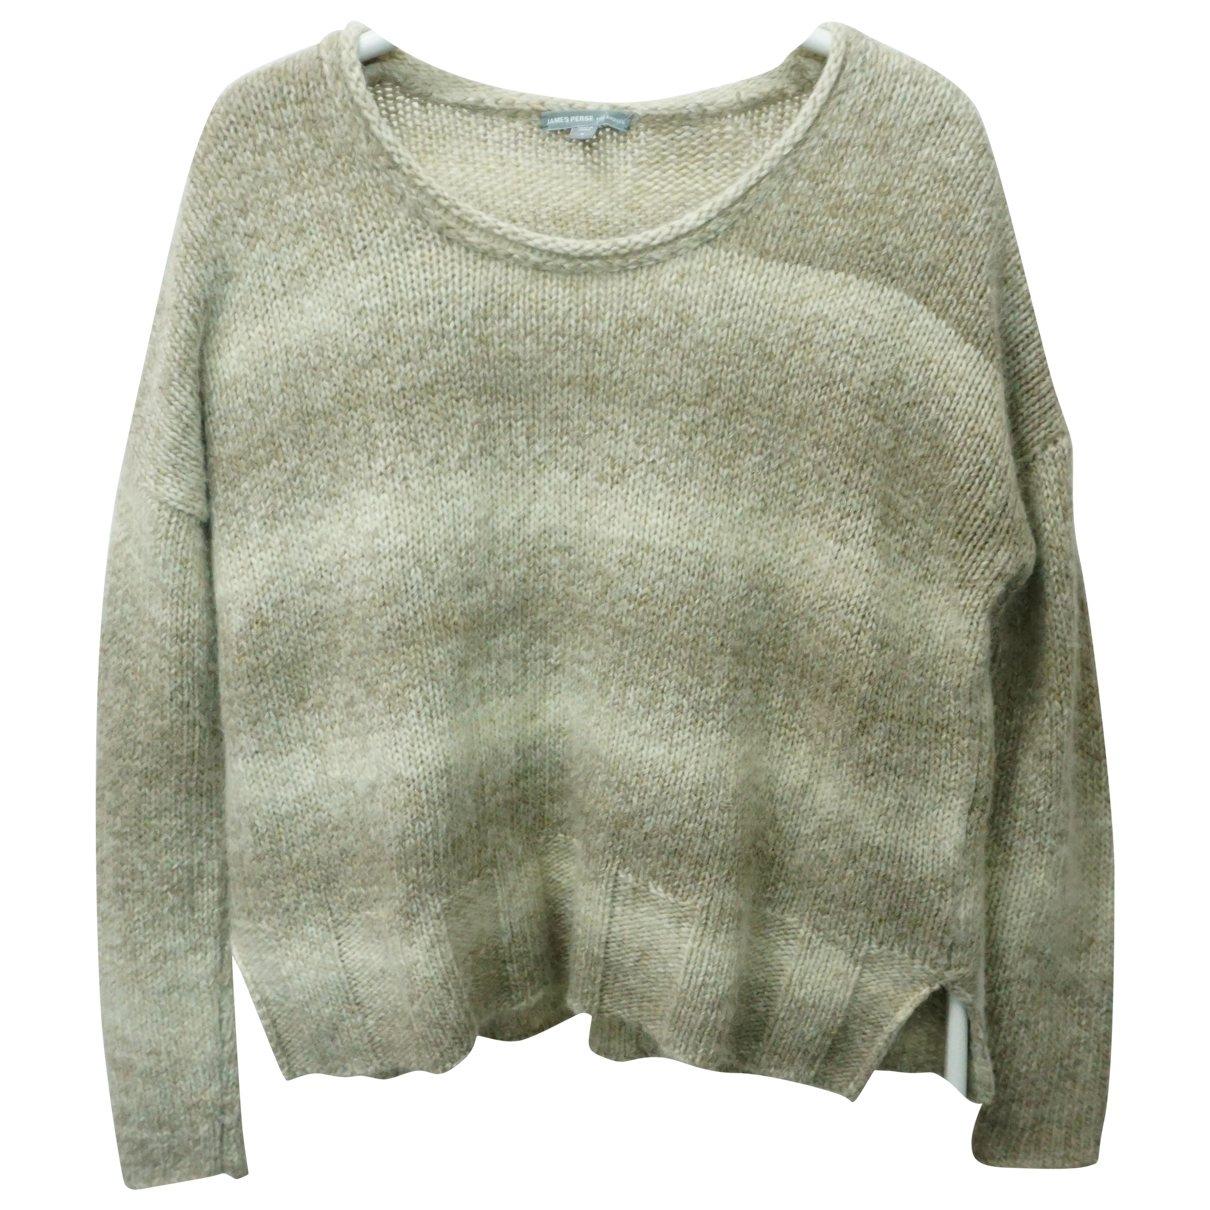 James Perse - Pull   pour femme en laine - multicolore